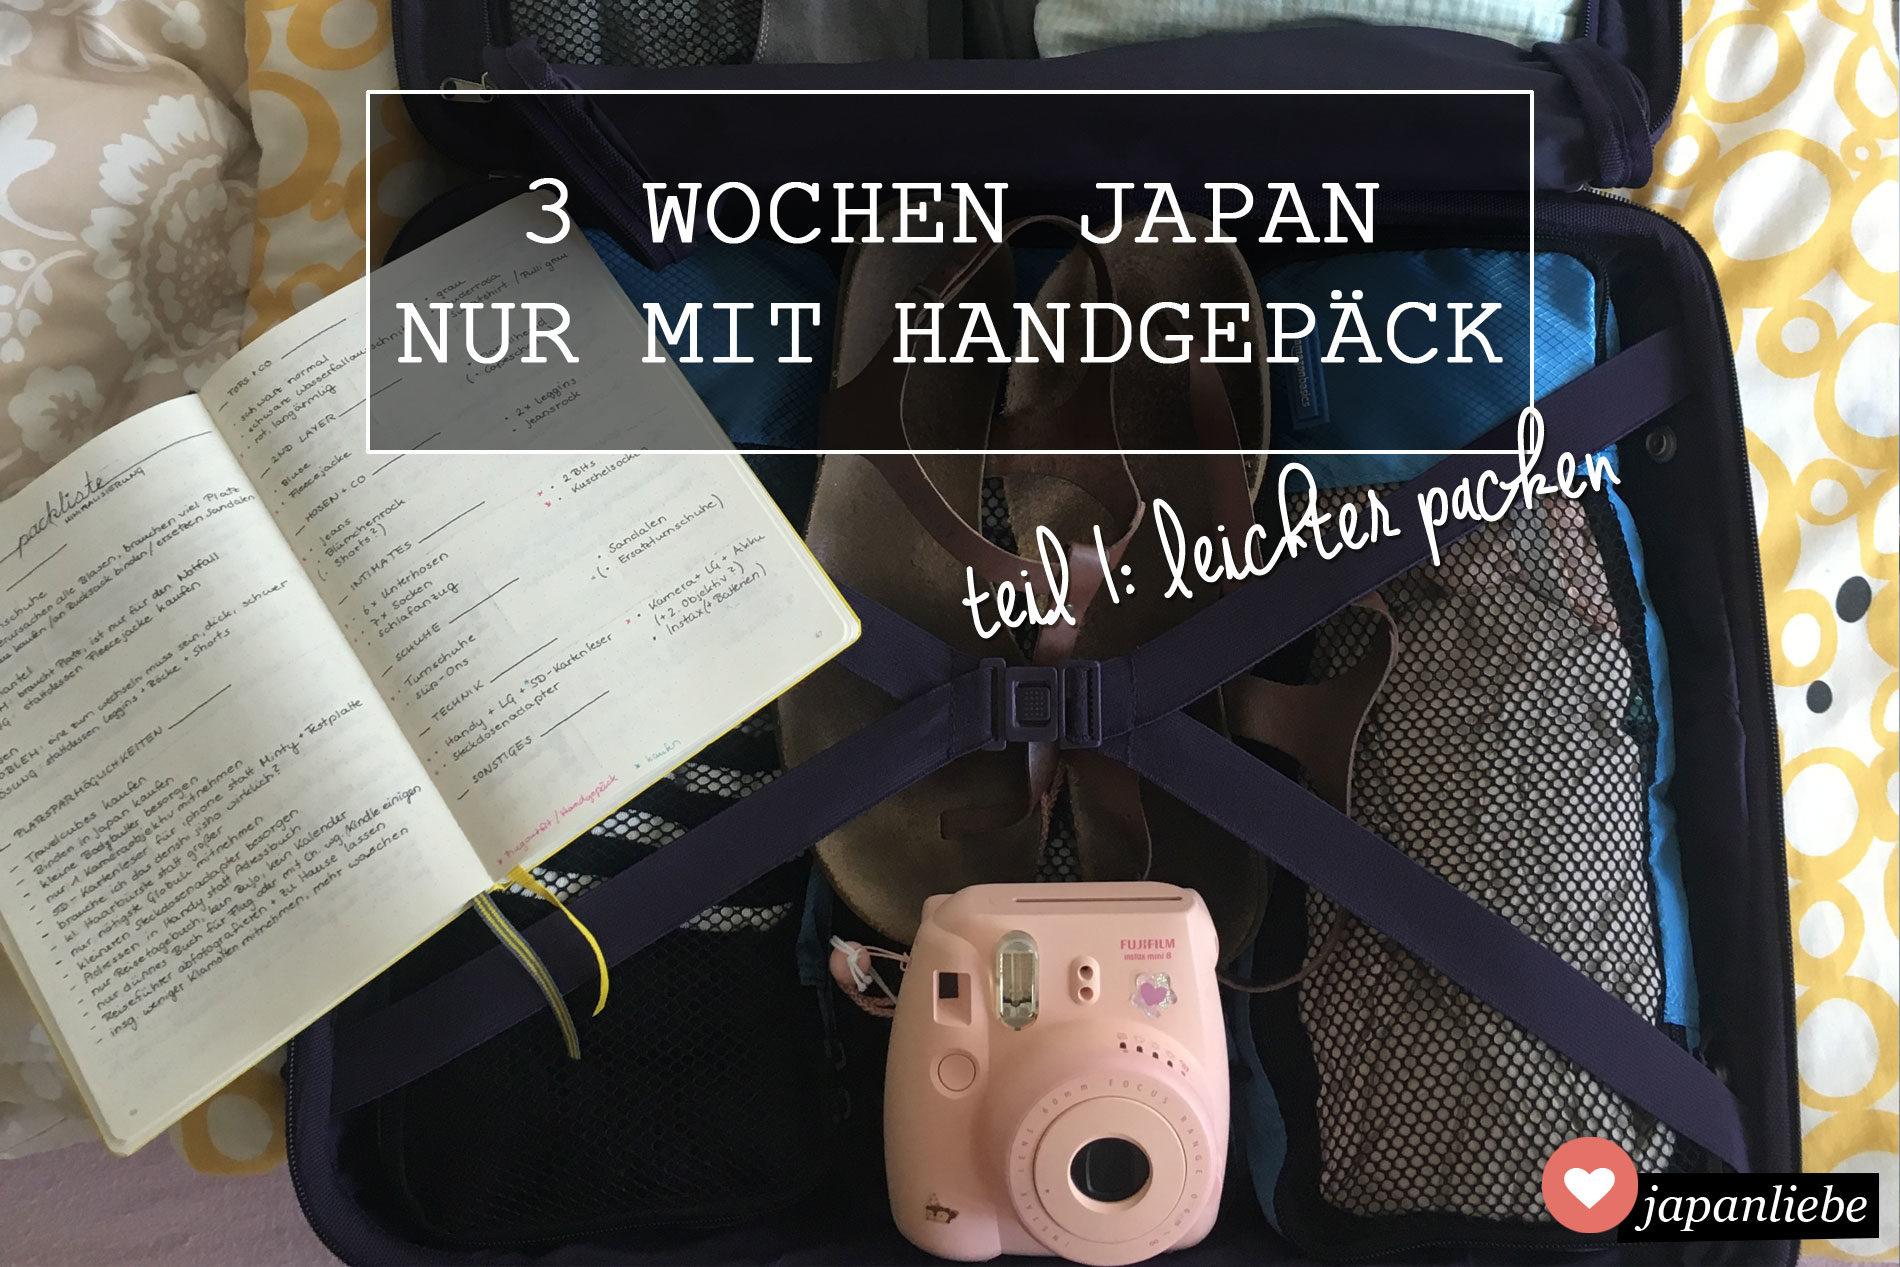 3 Wochen Japan nur mit Handgepäck: Tipps, um leichter zu packen